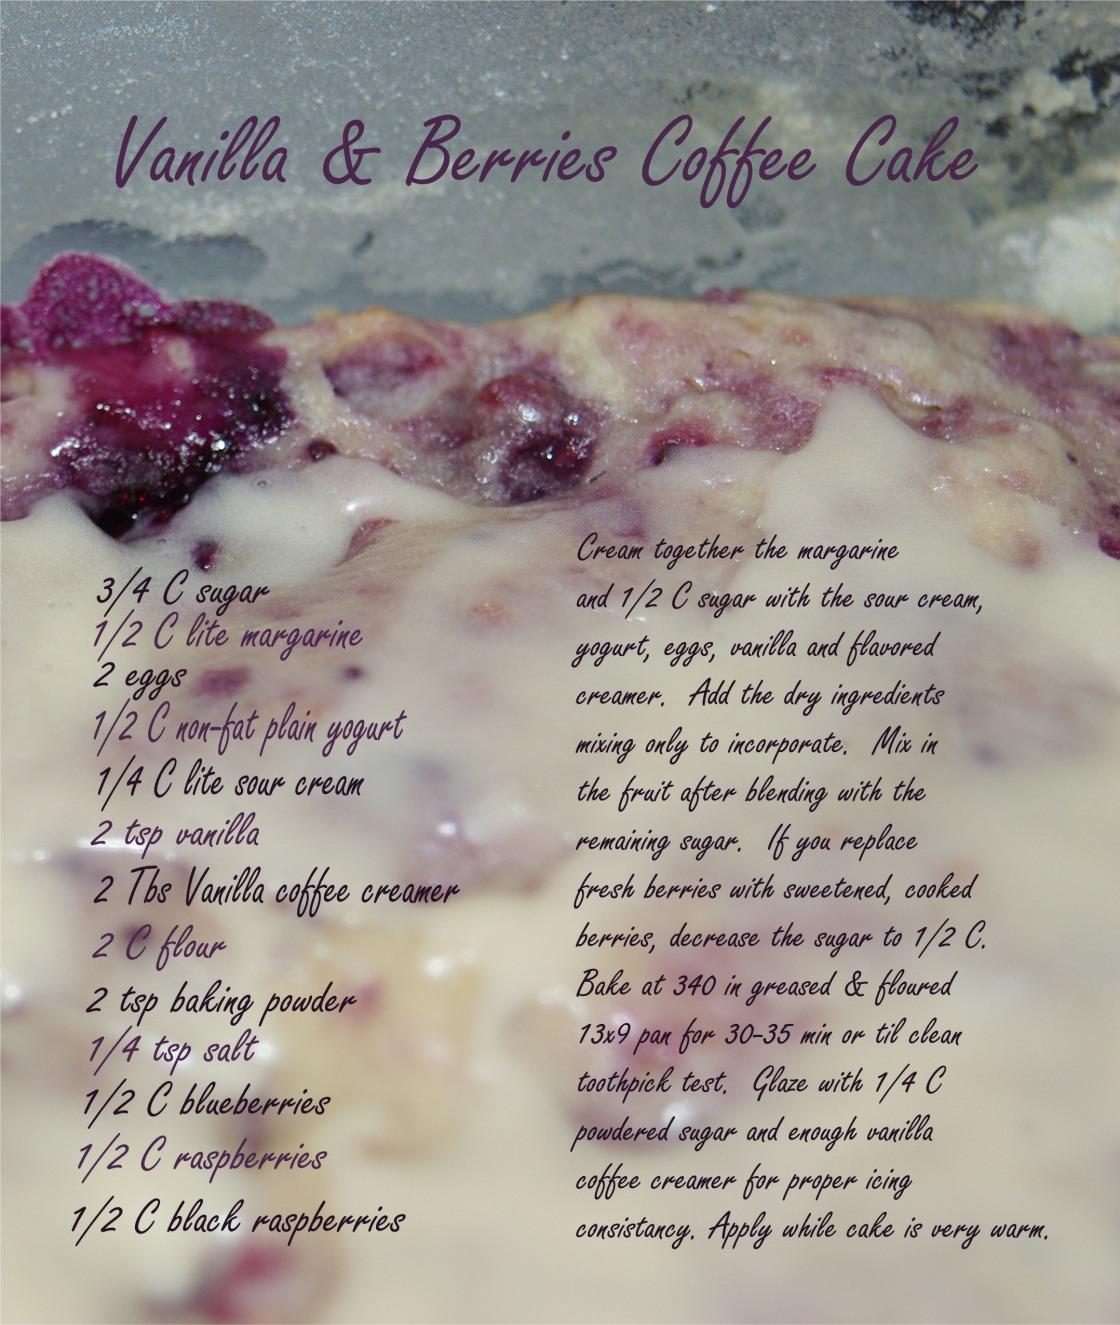 VanillaBerriesCoffeeCake2